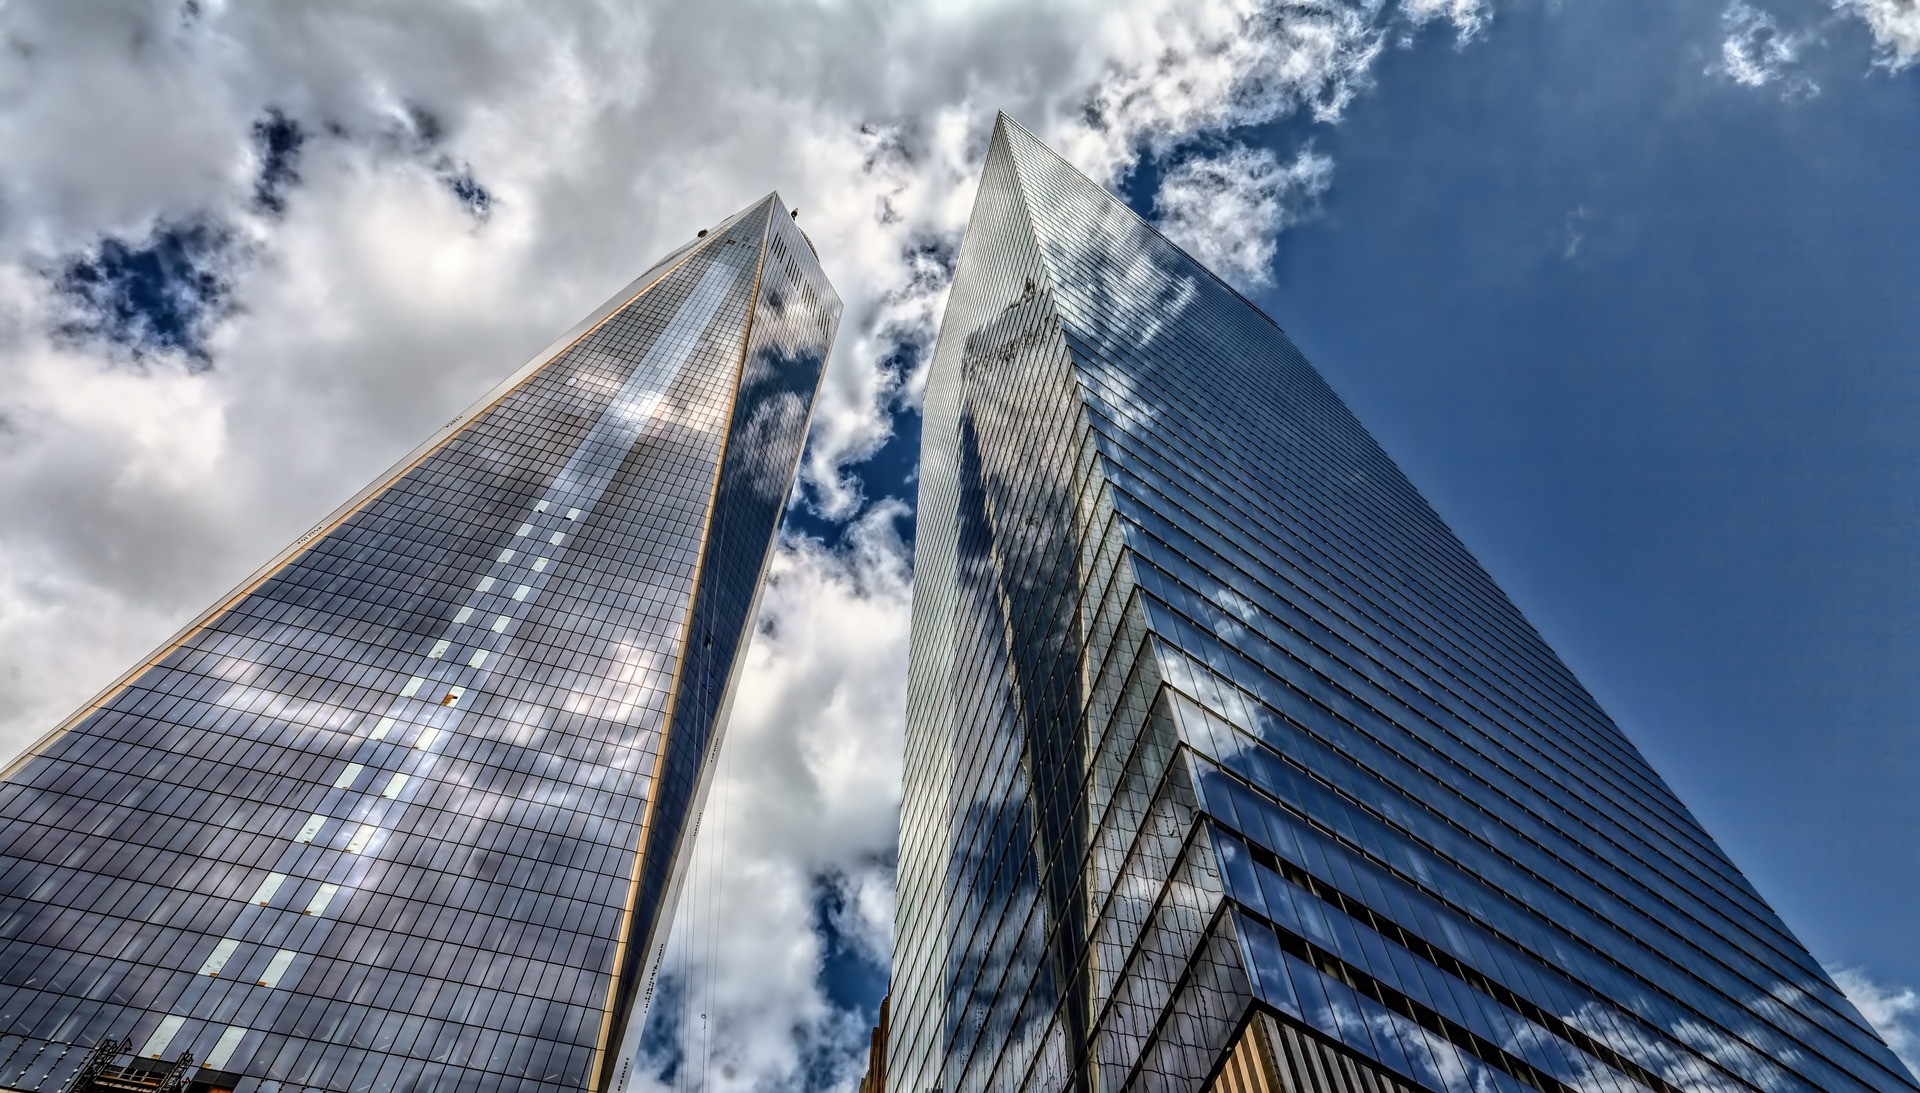 Mercado de oficinas con fuerte caída por la pandemia